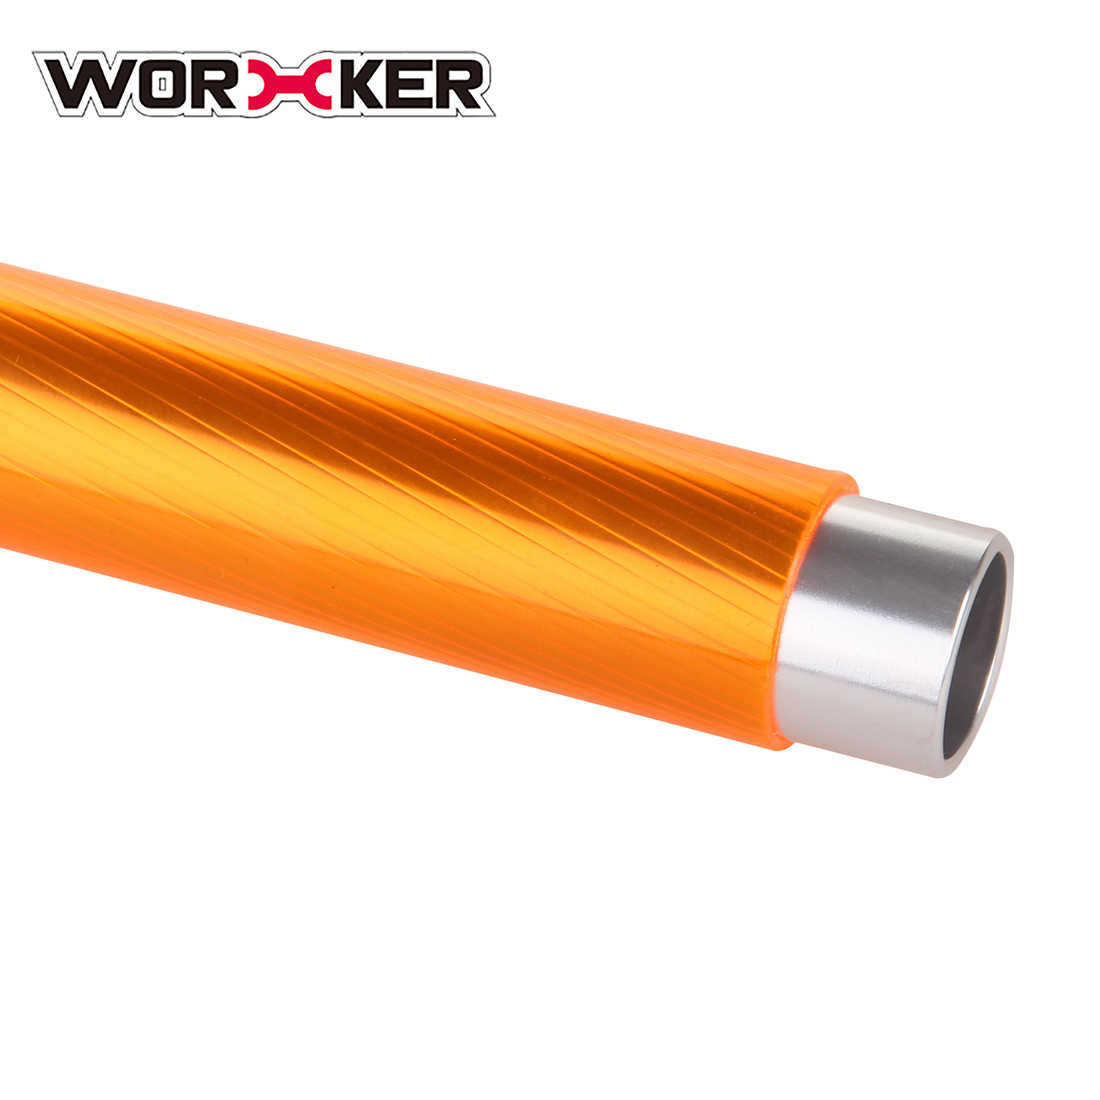 Рабочий алюминиевый сплав Модифицированная алюминиевая трубка для Nerf Elite Stryfe Blaster CS-18 Elite Rapidstrike